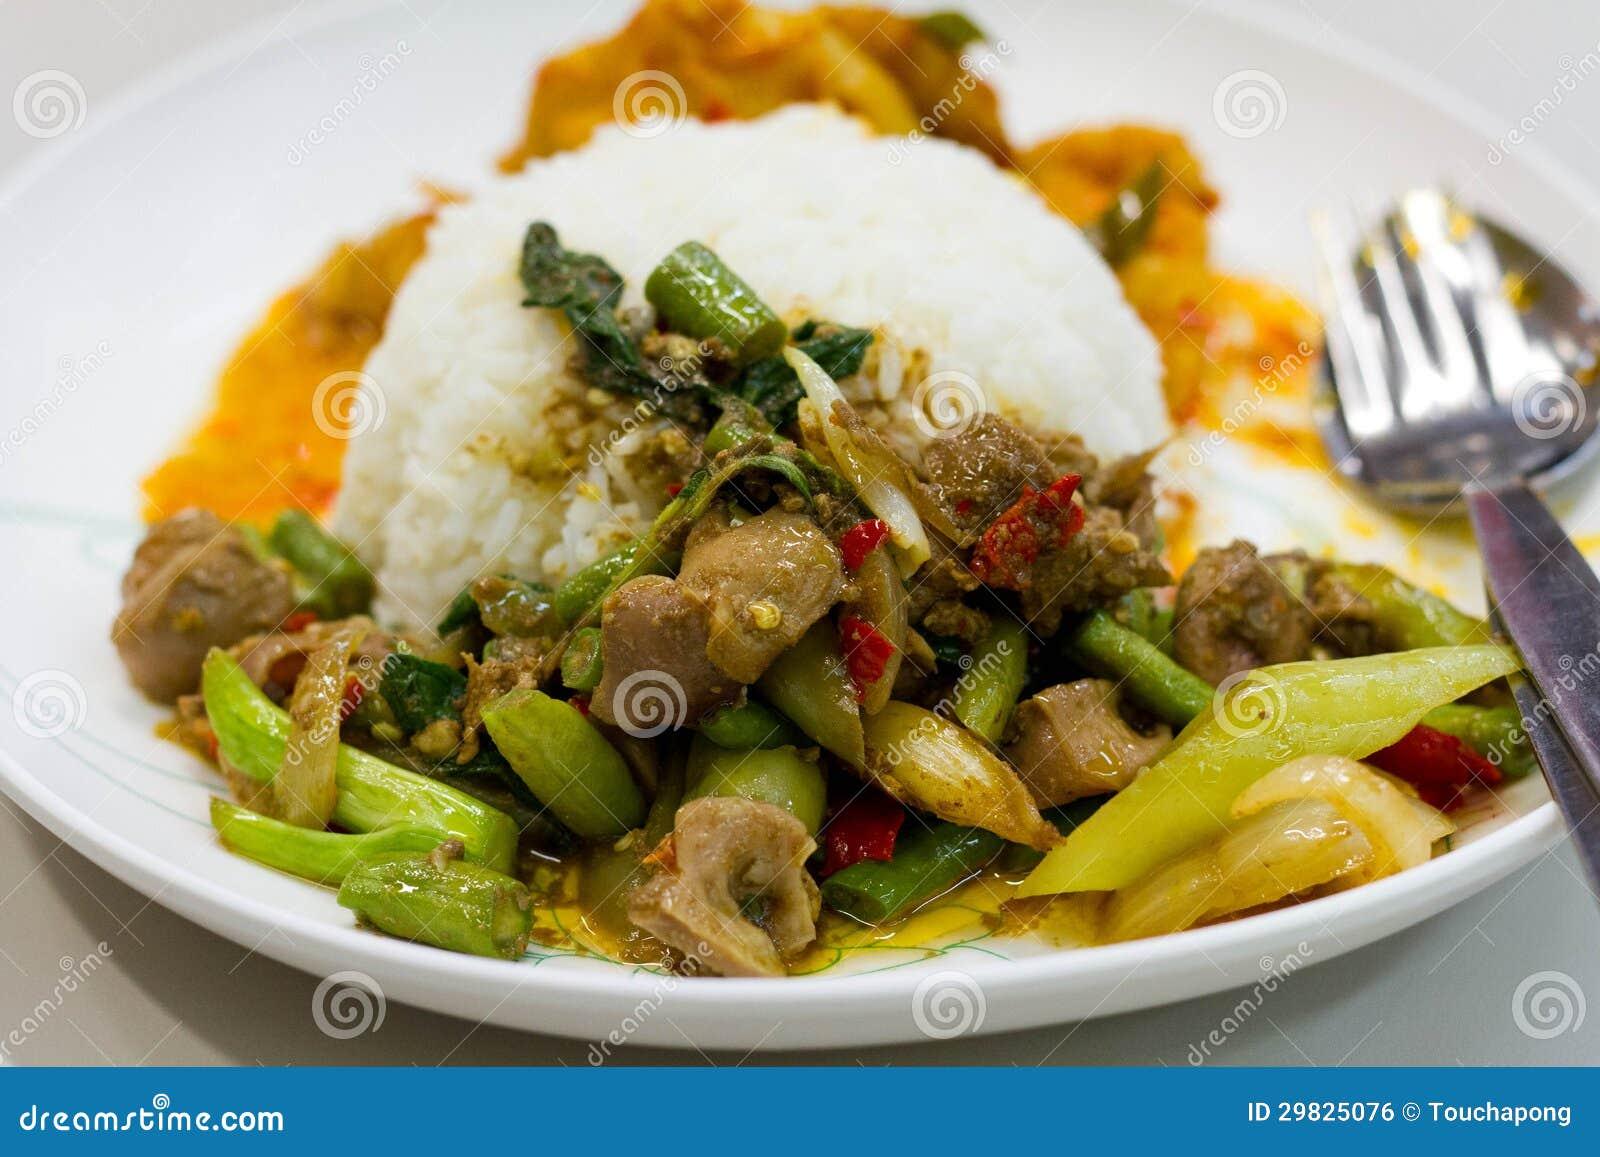 Caril picante tailandês.